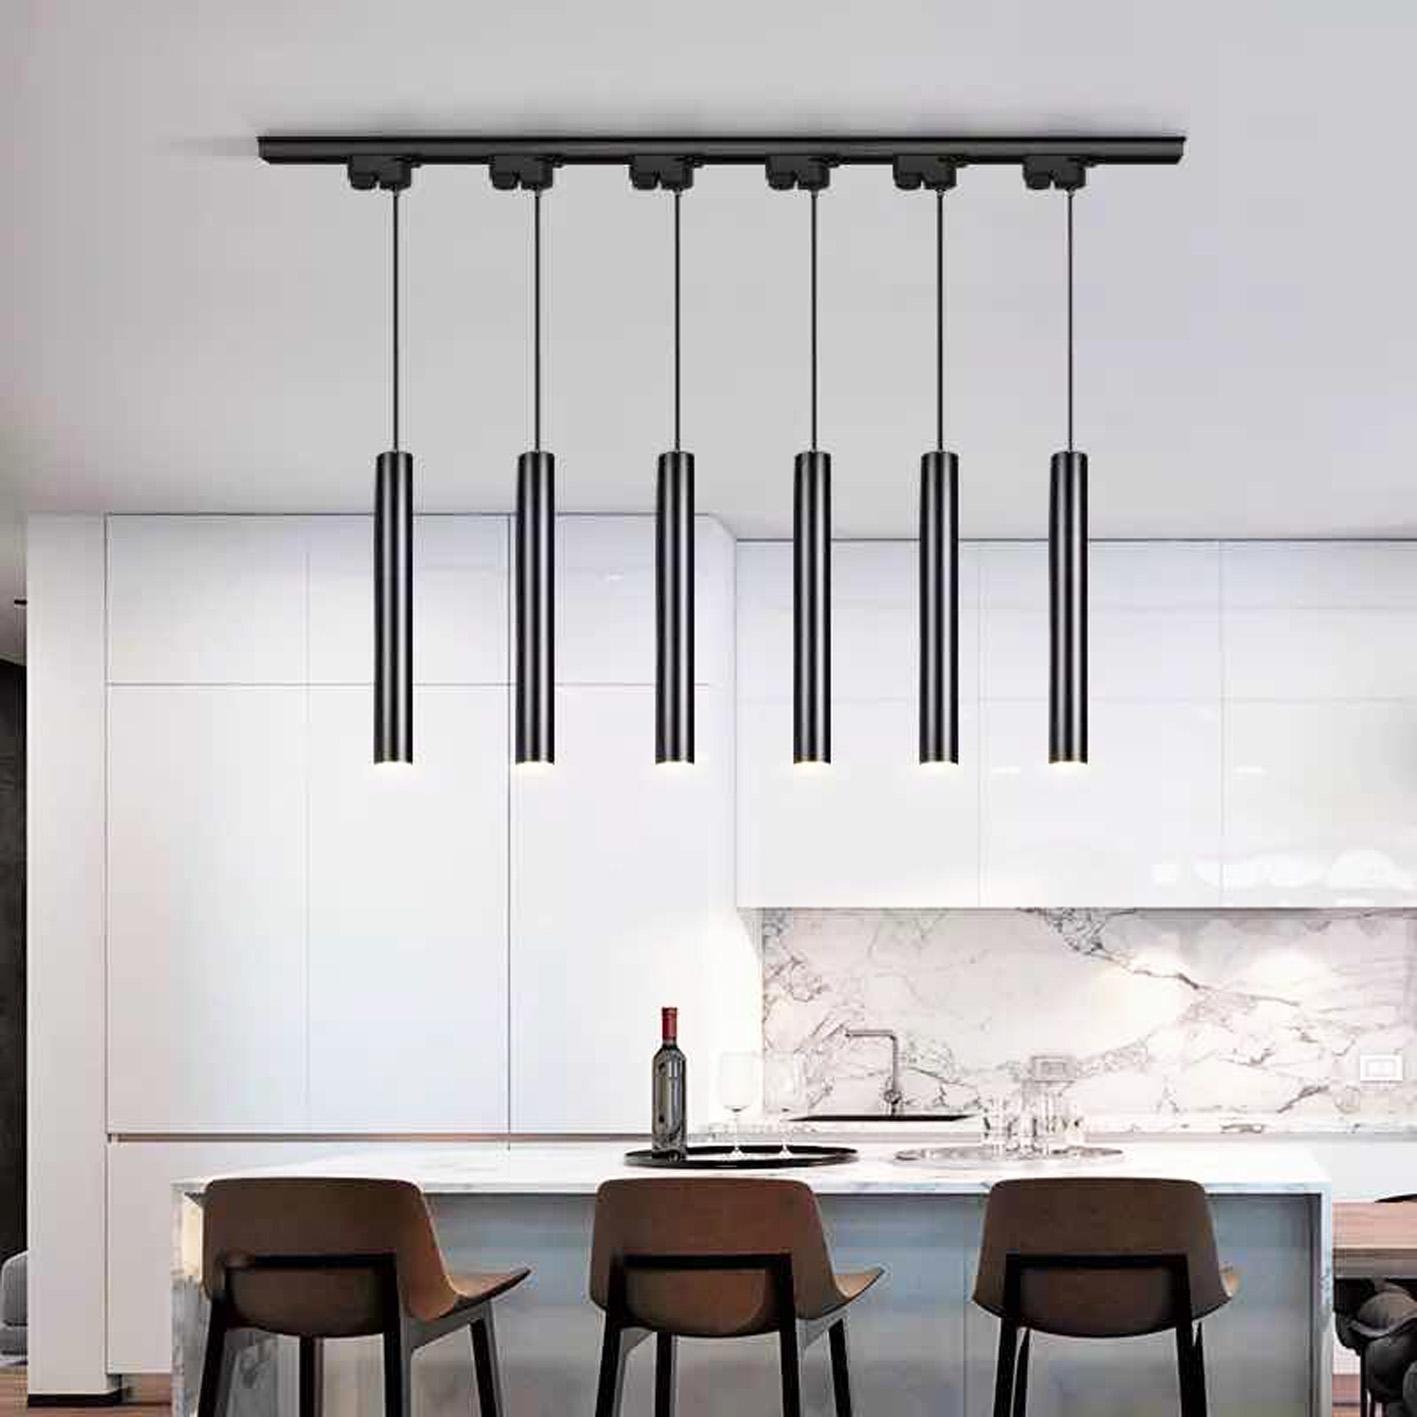 Lampadari Neon Moderni.Ls1 3w Saldi Sospensione Design Lampada Da Soffitto 3w